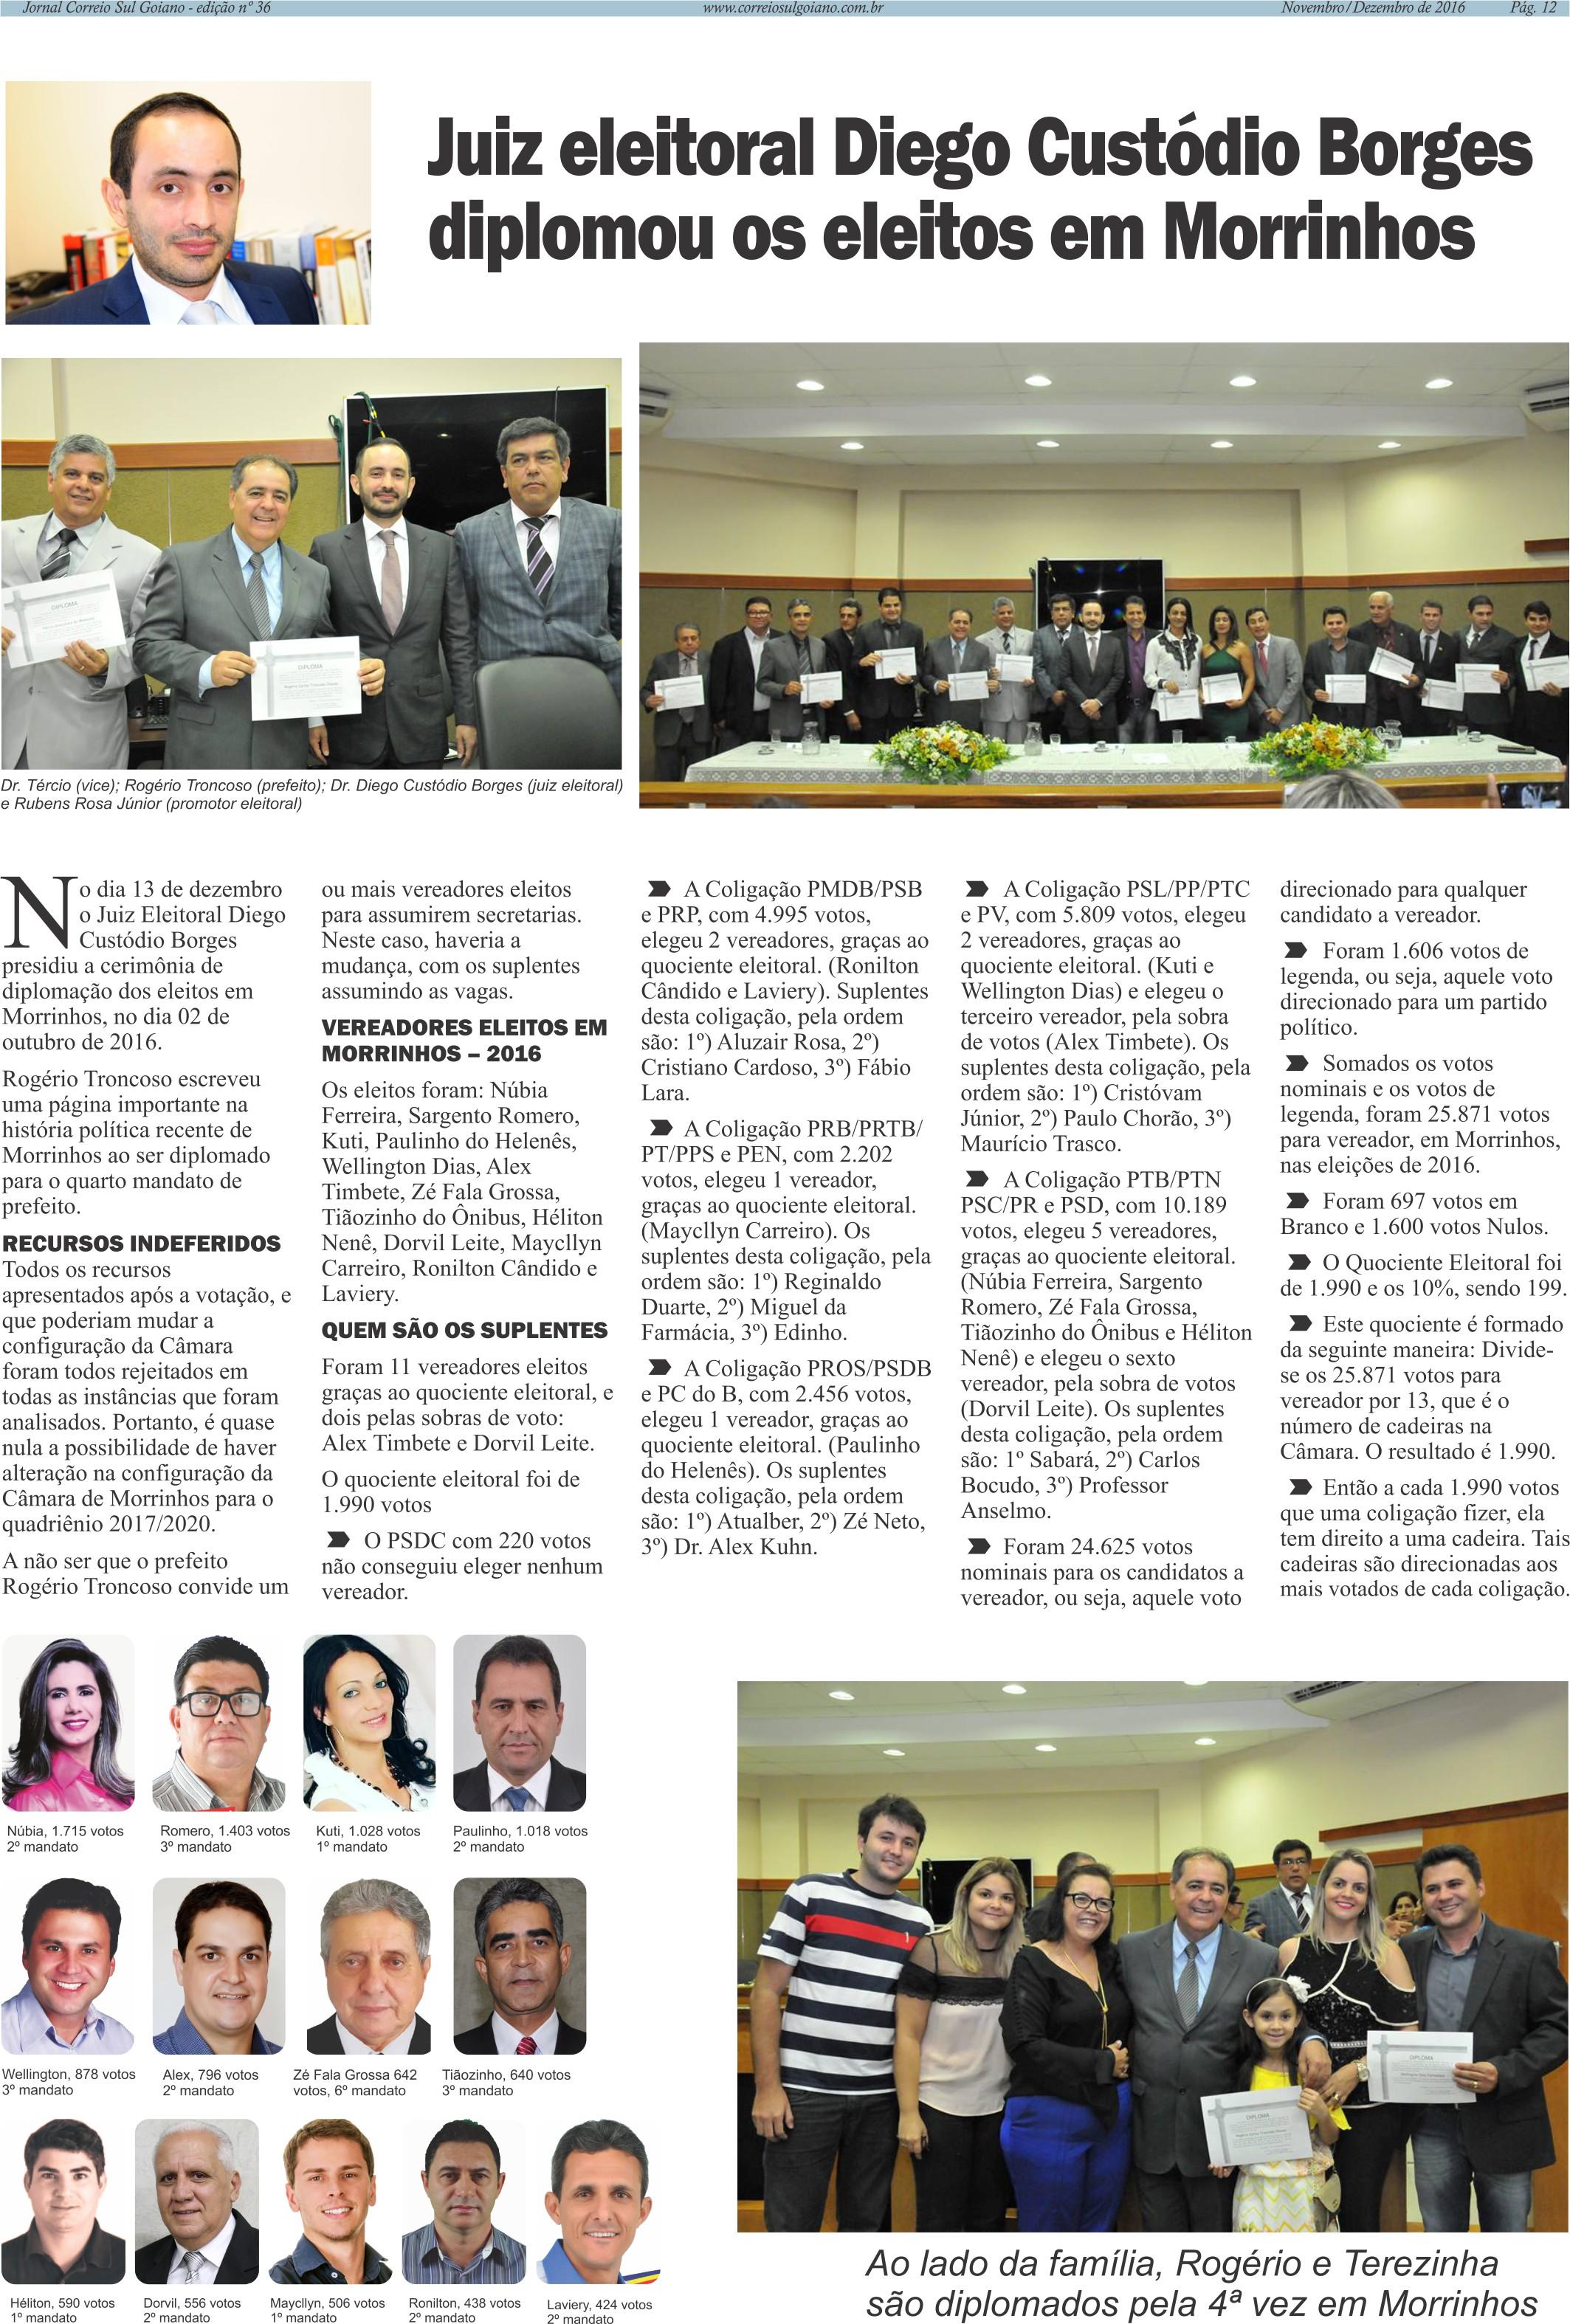 Edição nº 036 - Página 12